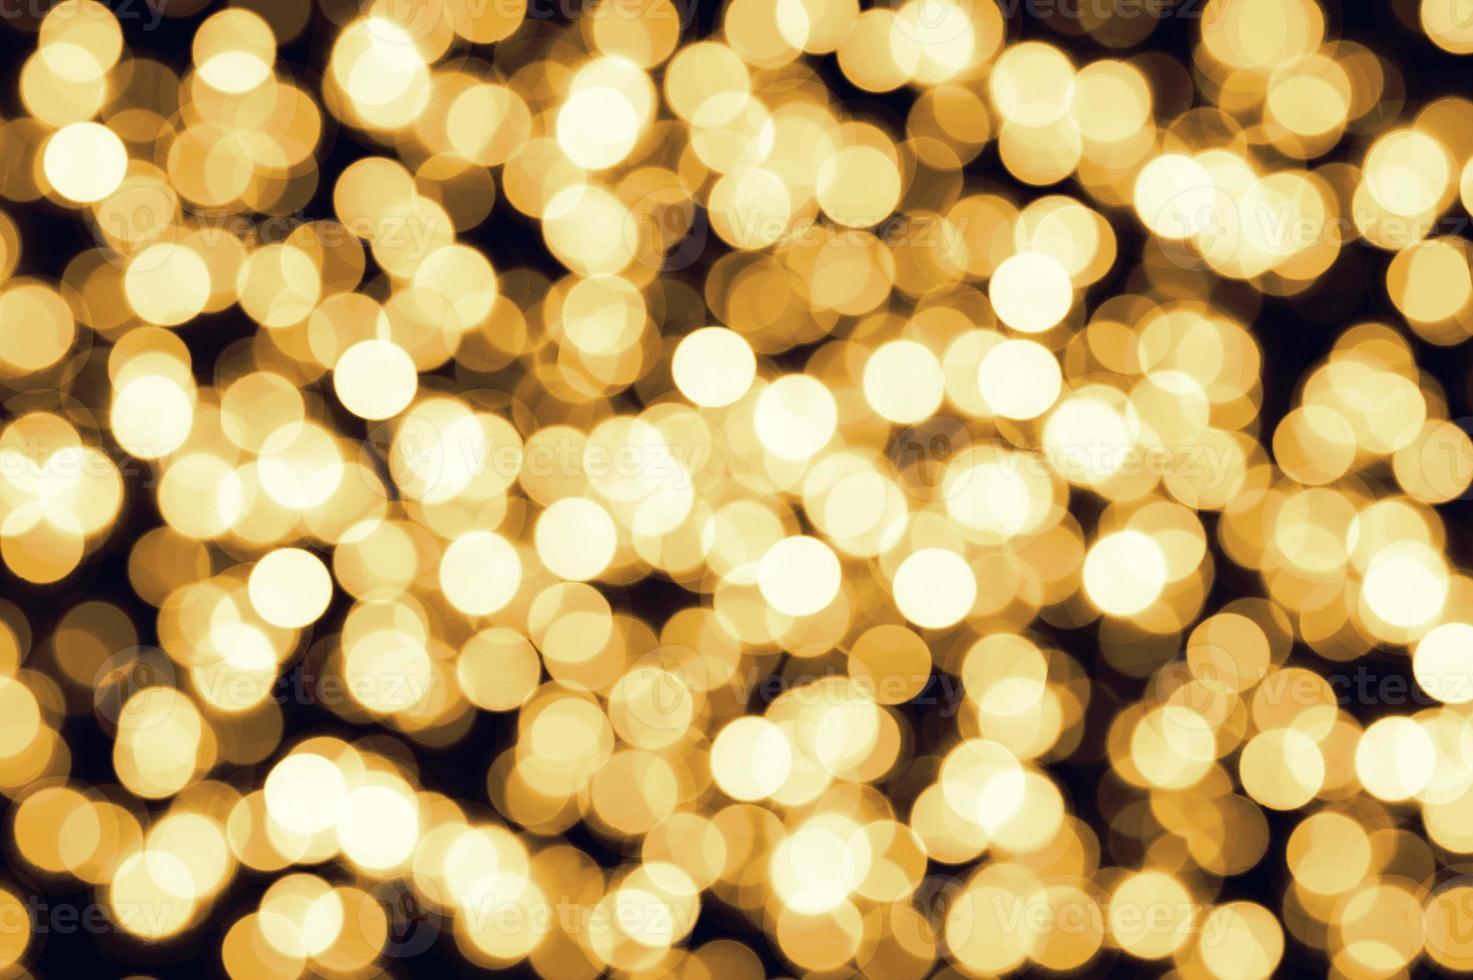 fond de lumières de Noël bokeh défocalisé jaune or photo